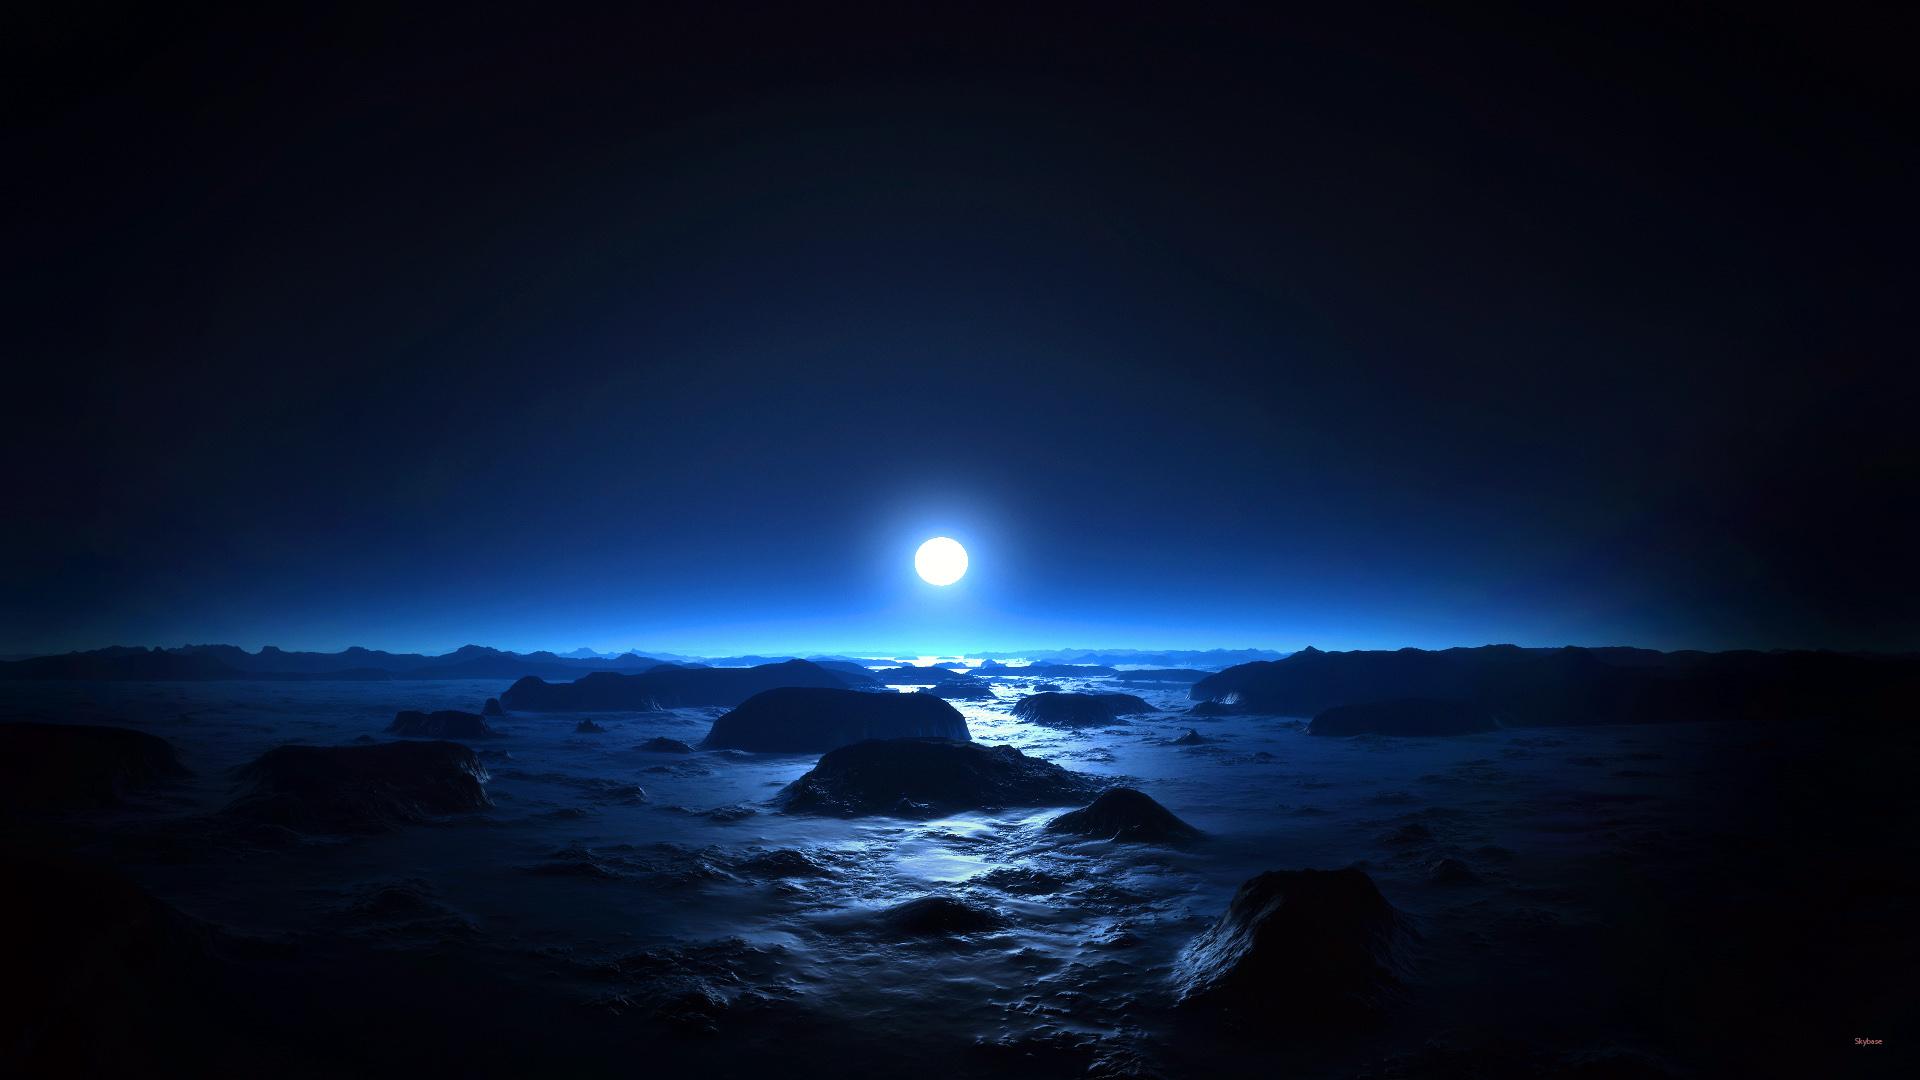 8033_3d_landscape_blue